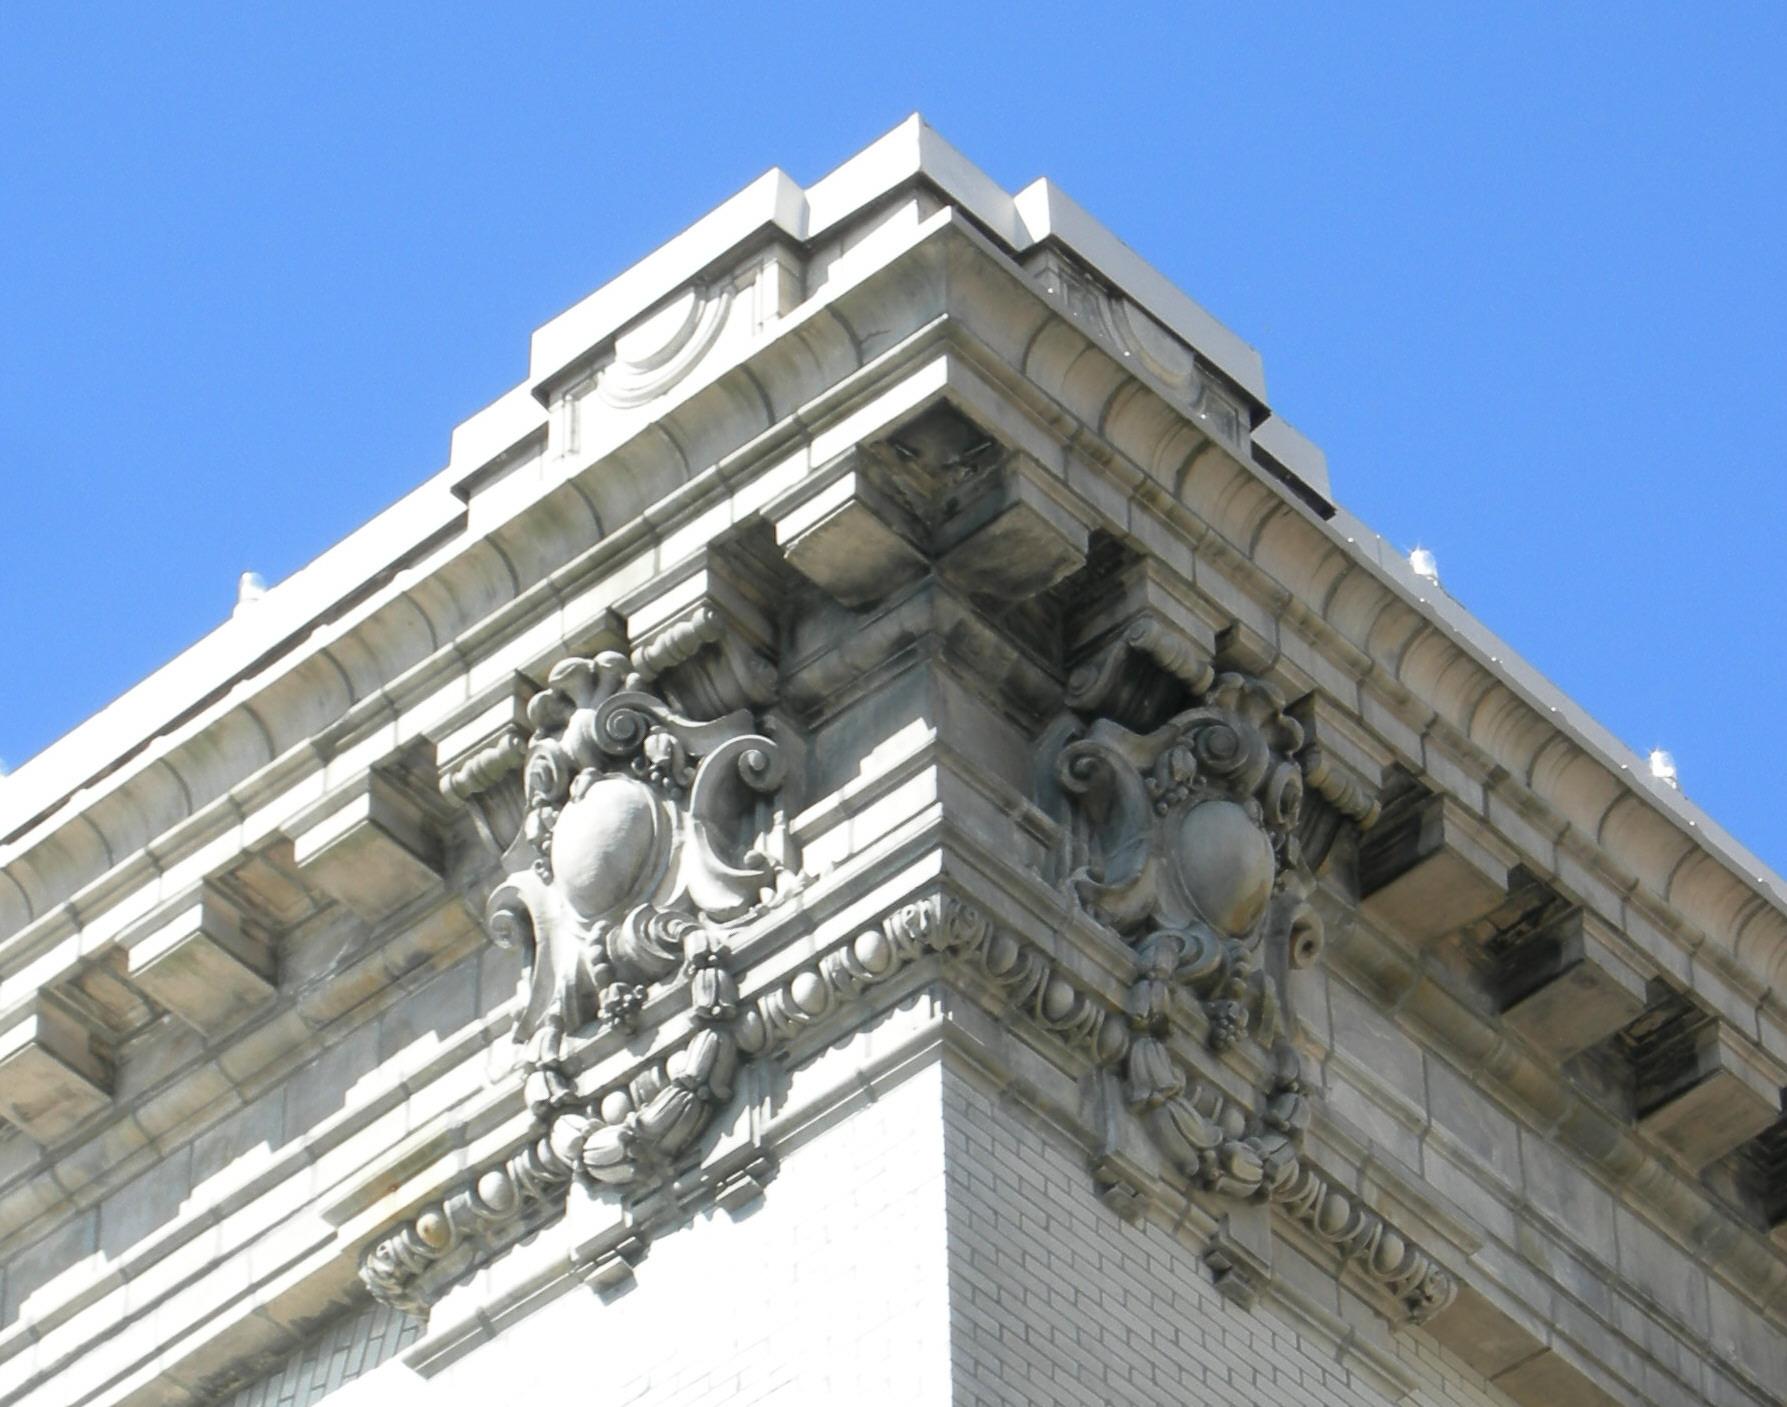 File:Seattle - Queen Anne High - cornice 01 jpg - Wikimedia